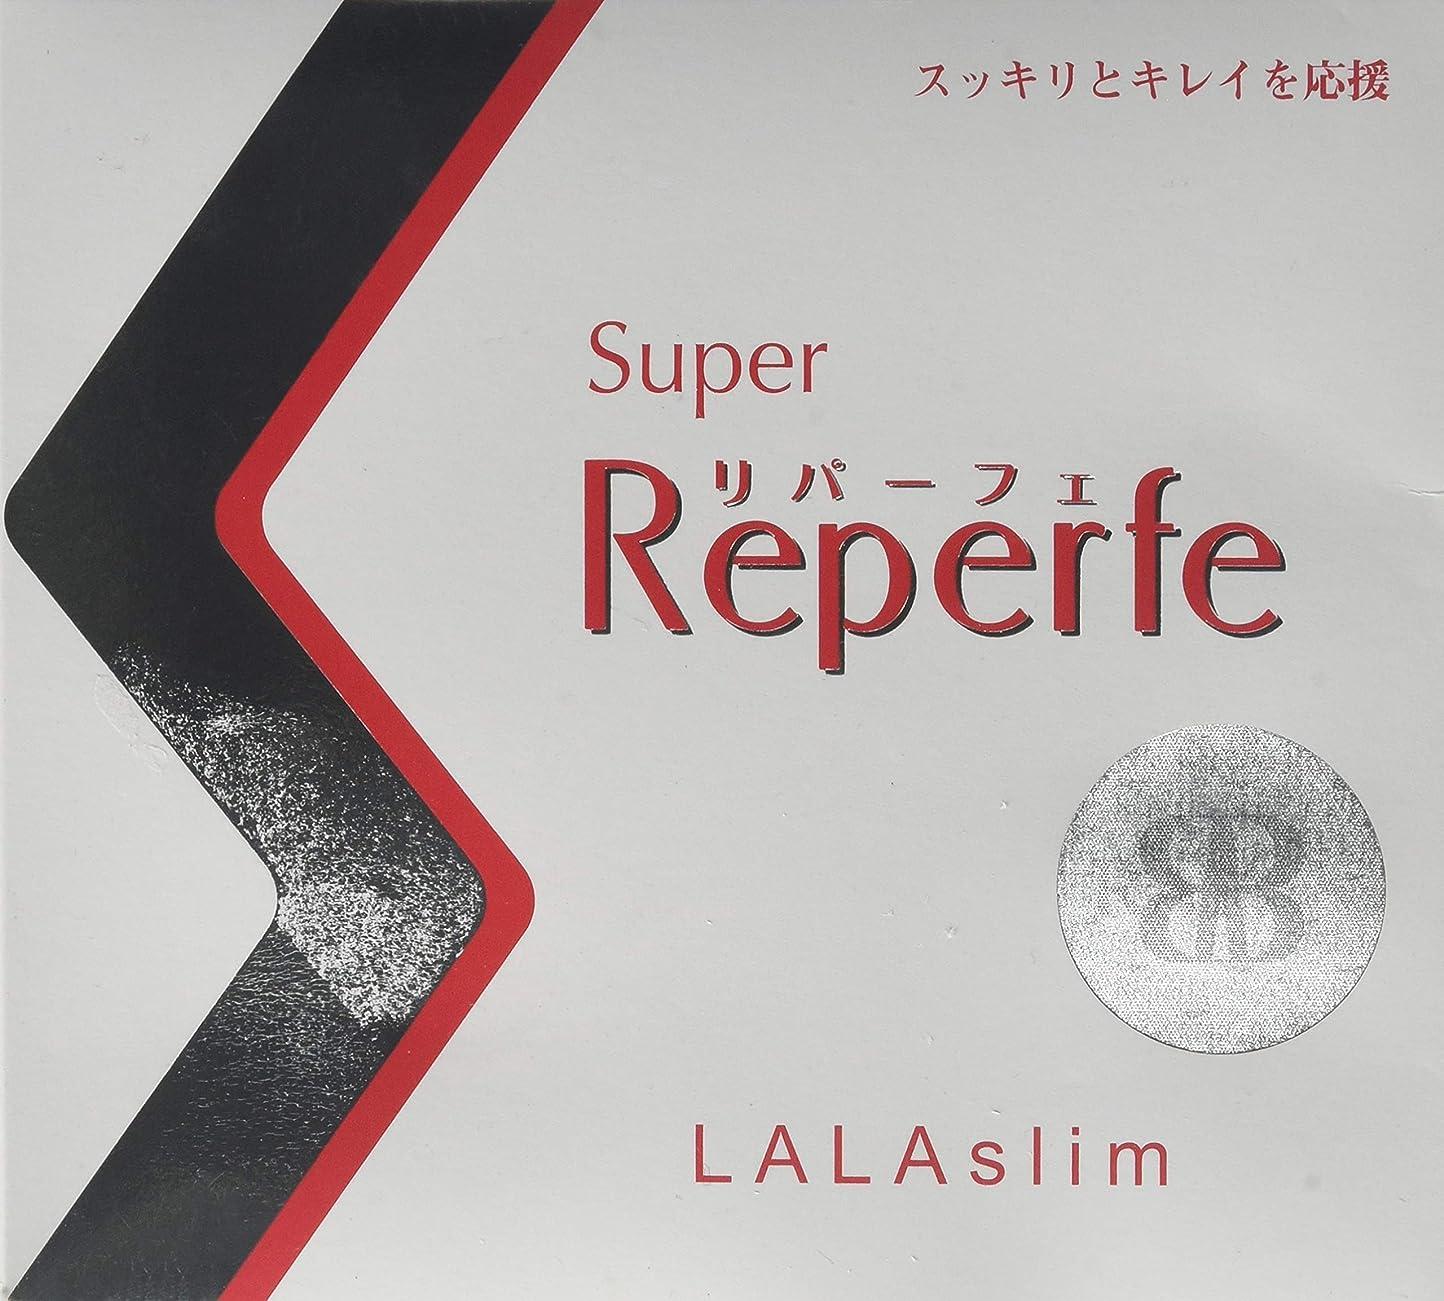 宮殿懇願するパーチナシティスーパーリパーフェ ララスリム 錠剤タイプ×5箱